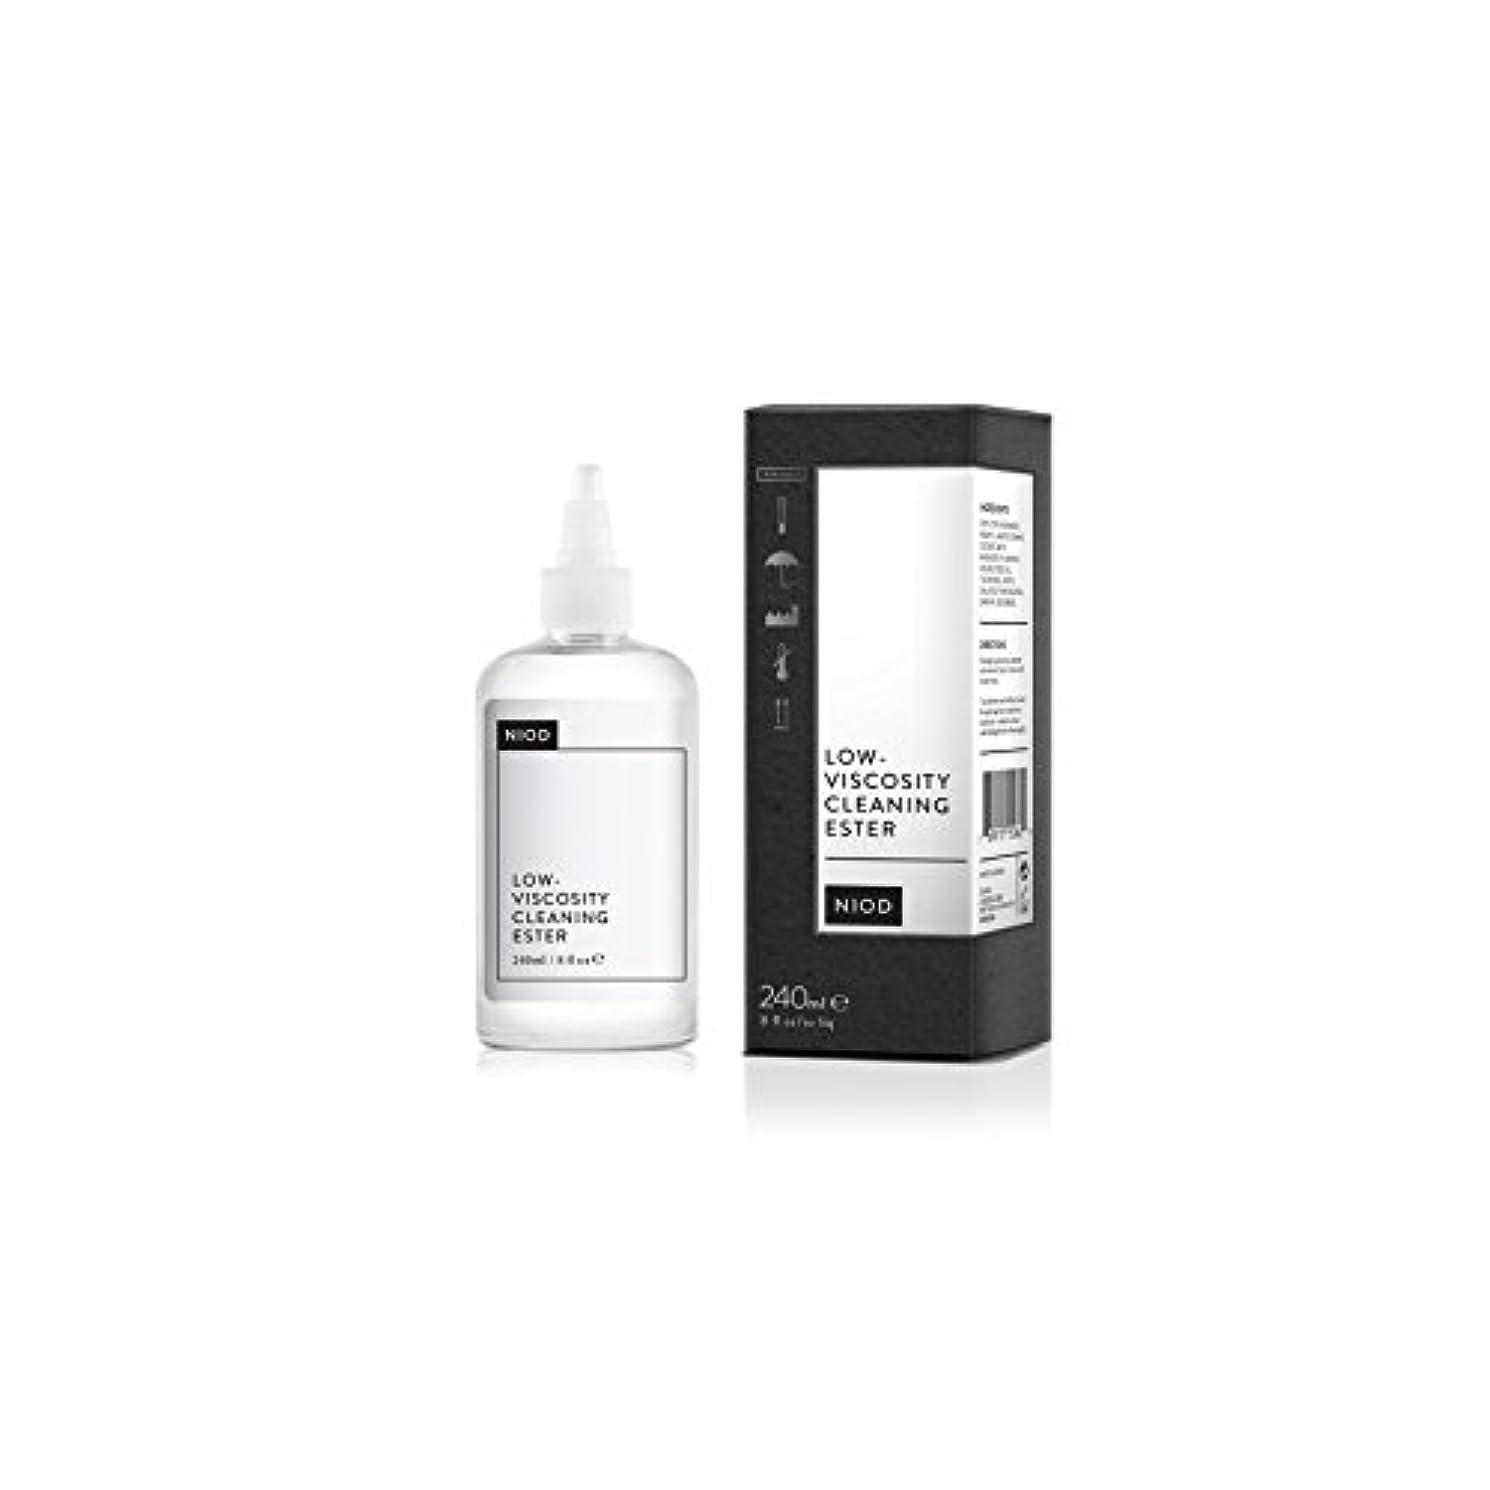 データム減衰破滅Niod Low-Viscosity Cleaning Ester (240ml) - 低粘度のクリーニングエステル(240ミリリットル) [並行輸入品]